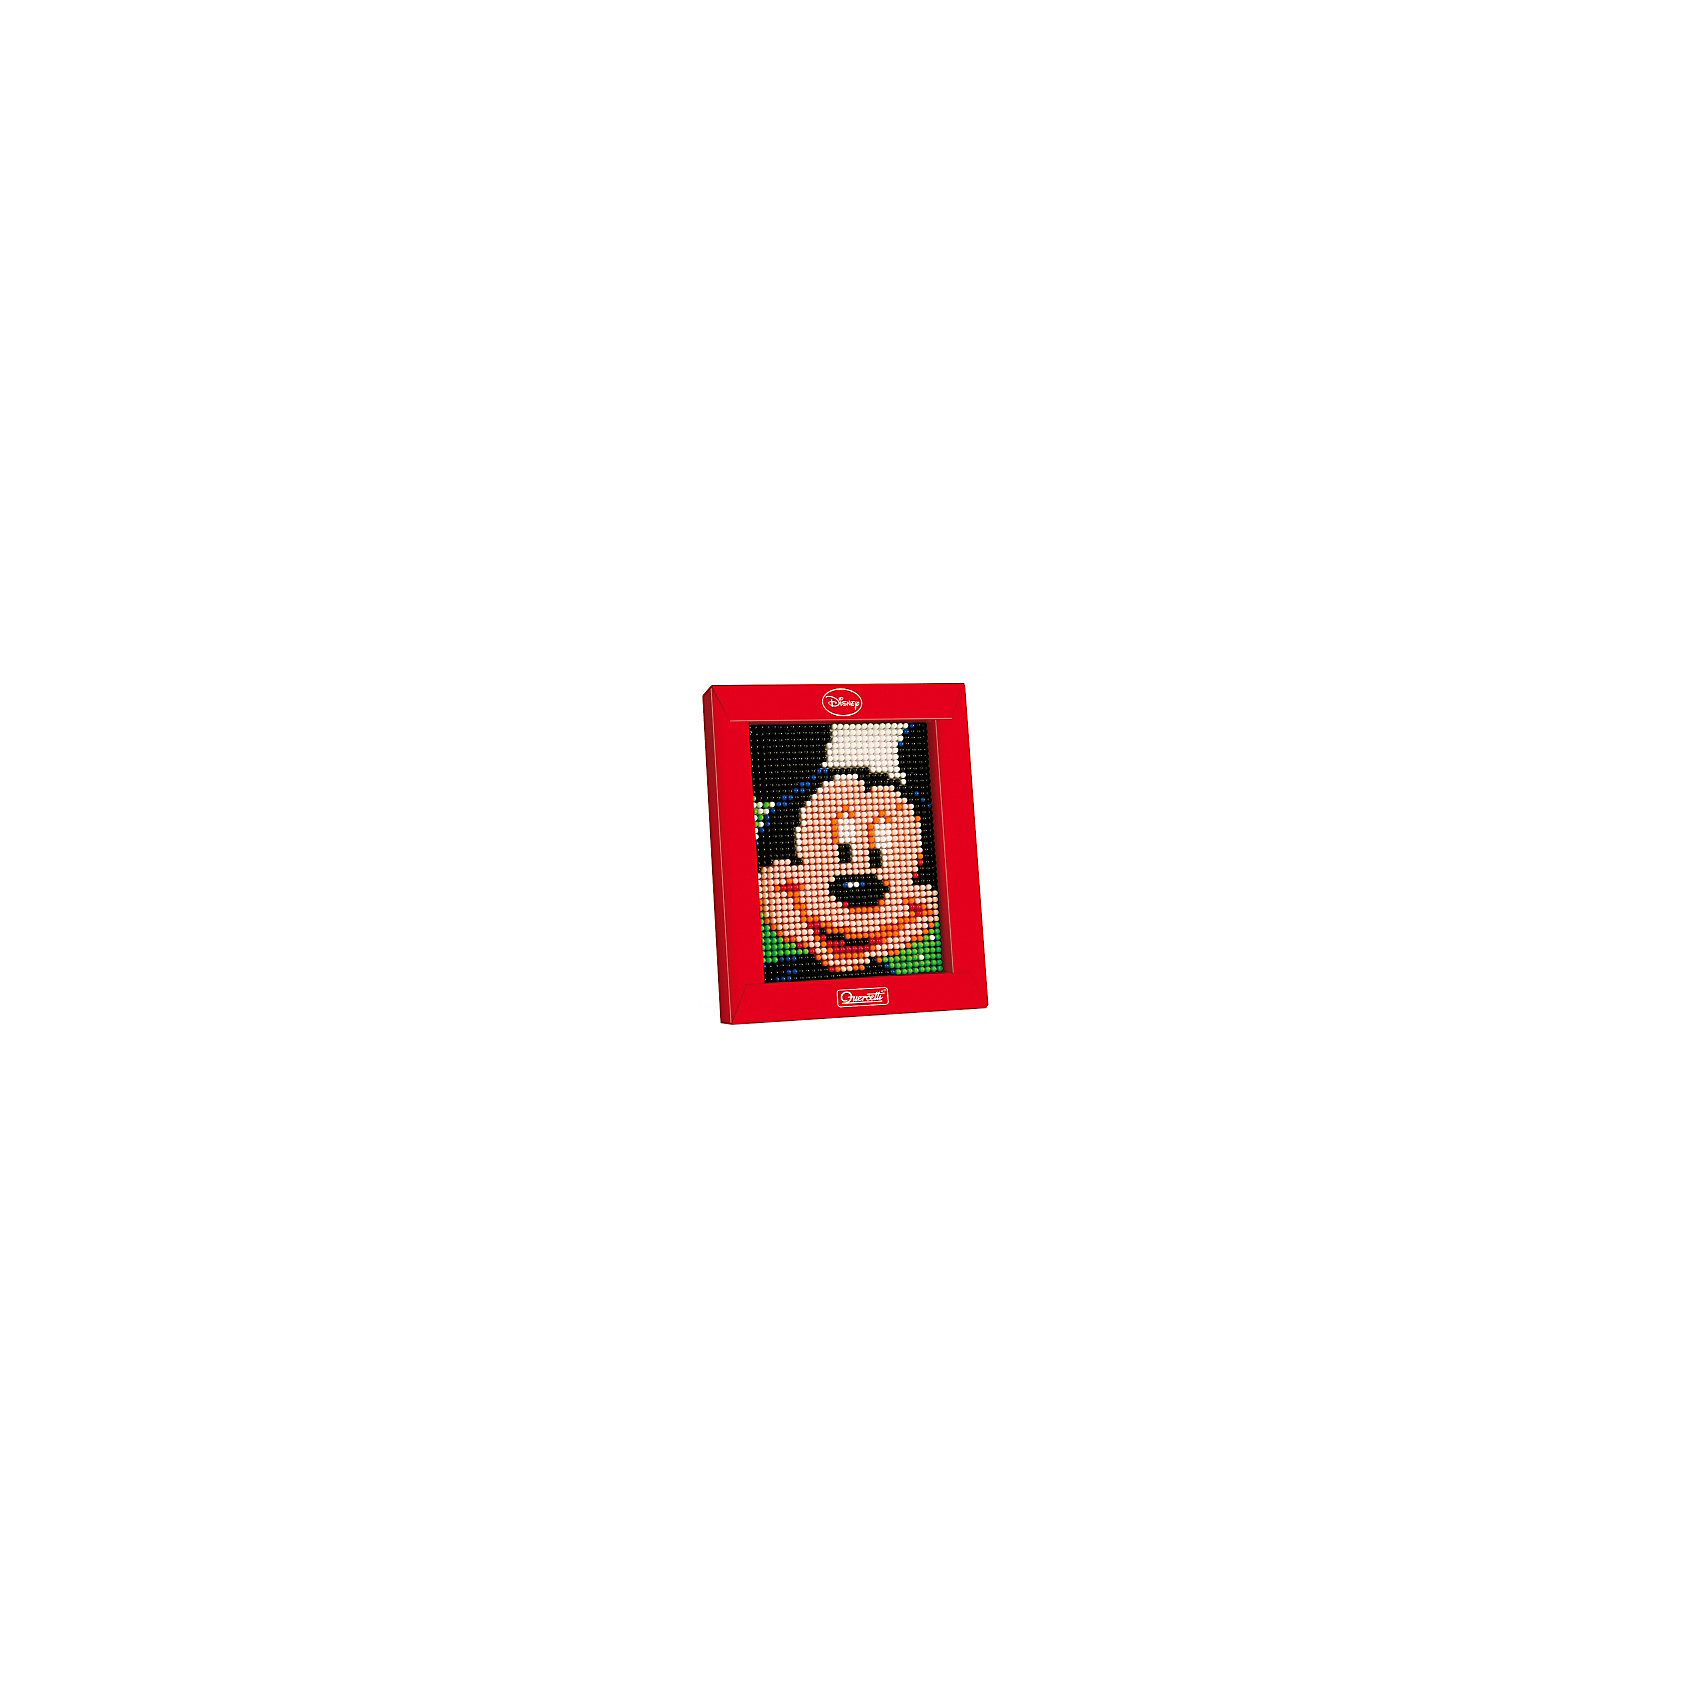 Пиксельная мозаика Микки, 1200 деталей, QuercettiМозаика<br>Пиксельная мозаика Микки, 1200 деталей, Quercetti (Кверсетти).<br><br>Характеристики:<br><br>- В наборе: 1200 деталей 7-ти цветов, основа (наборная доска), картонная рамка, направляющий лист, плакат, инструкция<br>- Размер основы: 12 х 16,5 см.<br>- Размер рамки: 16,5 х 21 х 3,2 см.<br>- Цвета: белый, розовый, оранжевый, красный, синий, зеленый, черный<br>- Материал: безопасный пластик, окрашенный нетоксичными красками<br>- Упаковка: картонная коробка<br>- Размер упаковки: 17 х 22 х 4 см.<br><br>Пиксельная мозаика от Quercetti (Кверсетти) поможет вашему малышу из 1200 деталей создать портрет любимого мультгероя Микки Мауса. Нужно просто положить цветную схему на основу и можно начинать собирать мозаику! Рисунок на листе разделен на маленькие квадратики. Ребенку нужно выбрать подходящие по цвету детали-гвоздики и вставить их в отверстия. Кончики элементов легко проходят сквозь бумагу и надежно фиксируются в основе. В итоге они ложатся ровными рядами, а разноцветные шляпки сливаются в единое цветовое полотно, и если смотреть на собранную картинку с расстояния, изображение чудесным образом преобразится, повторяя эффект фотографии. Готовую картинку можно вставить в картонную рамочку и повесить на стену, как настоящую картину. Собирание мозаики развивает у детей цветовосприятие, творческие способности, внимание, усидчивость и мелкую моторику.<br><br>Пиксельную мозаику Микки, 1200 деталей, Quercetti (Кверсетти) можно купить в нашем интернет-магазине.<br><br>Ширина мм: 220<br>Глубина мм: 36<br>Высота мм: 170<br>Вес г: 287<br>Возраст от месяцев: 60<br>Возраст до месяцев: 2147483647<br>Пол: Унисекс<br>Возраст: Детский<br>SKU: 5140051